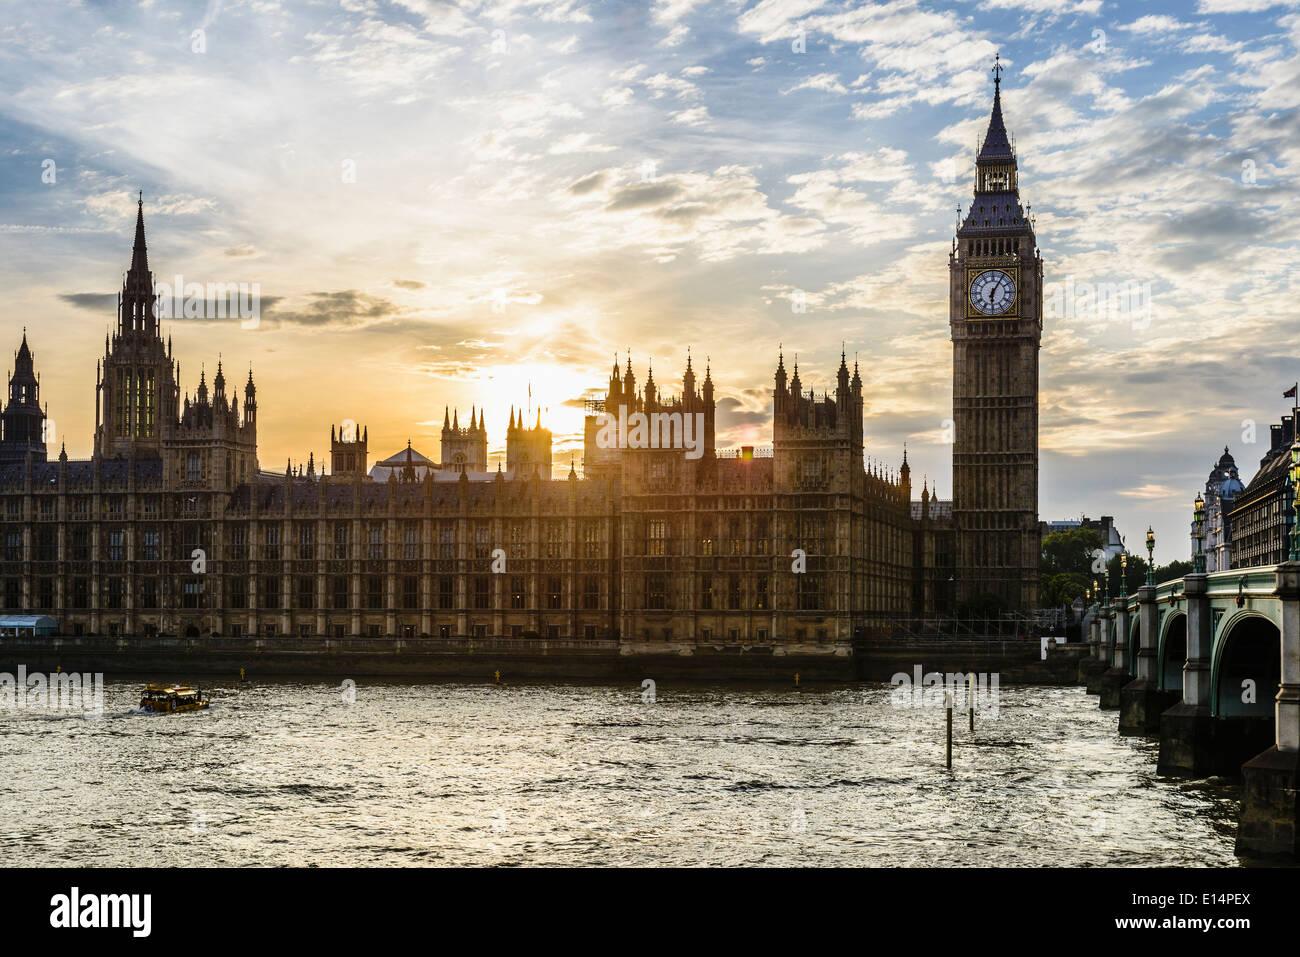 Soleil sur Maisons du Parlement, Londres, Royaume-Uni Photo Stock